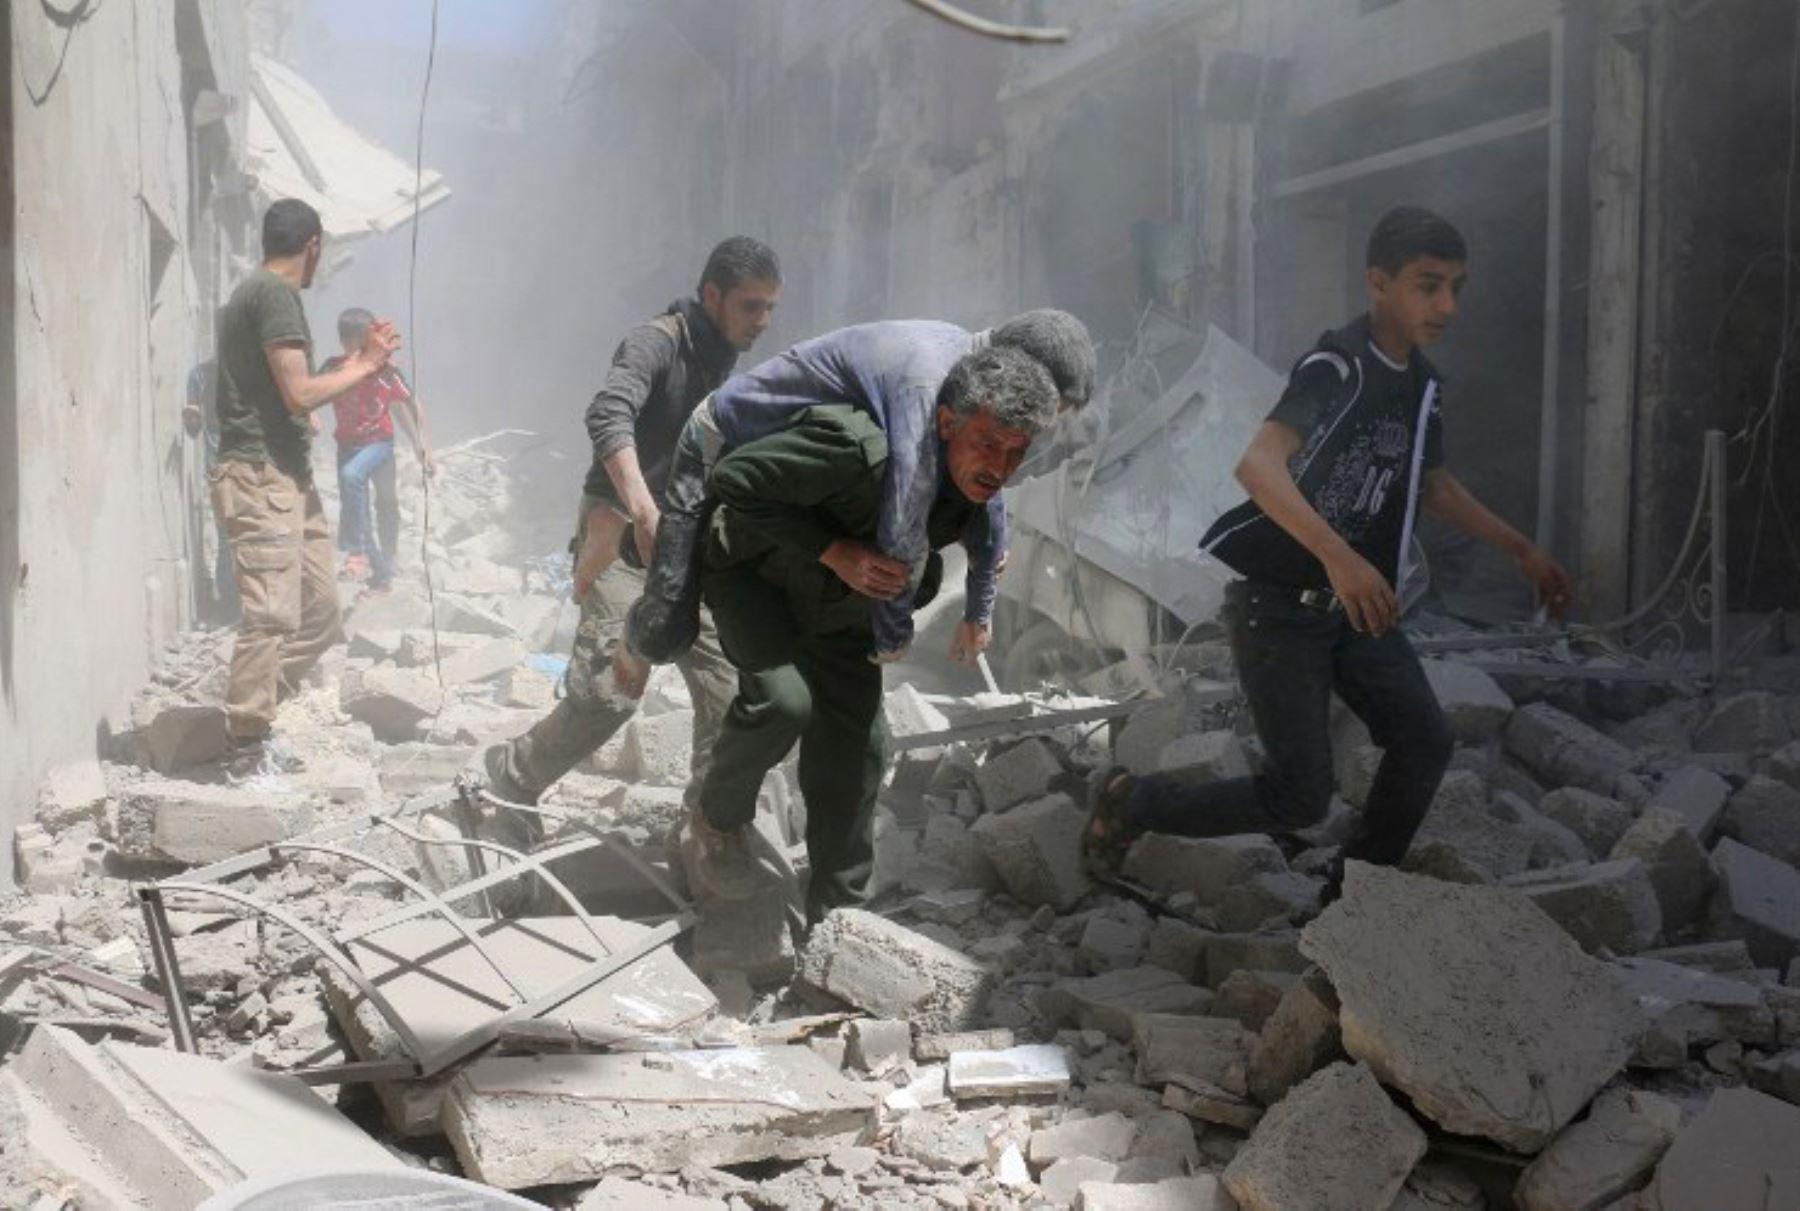 Sirios evacuan un herido en medio de los escombros de edificios destruidos tras un ataque aéreo. Foto: AFP